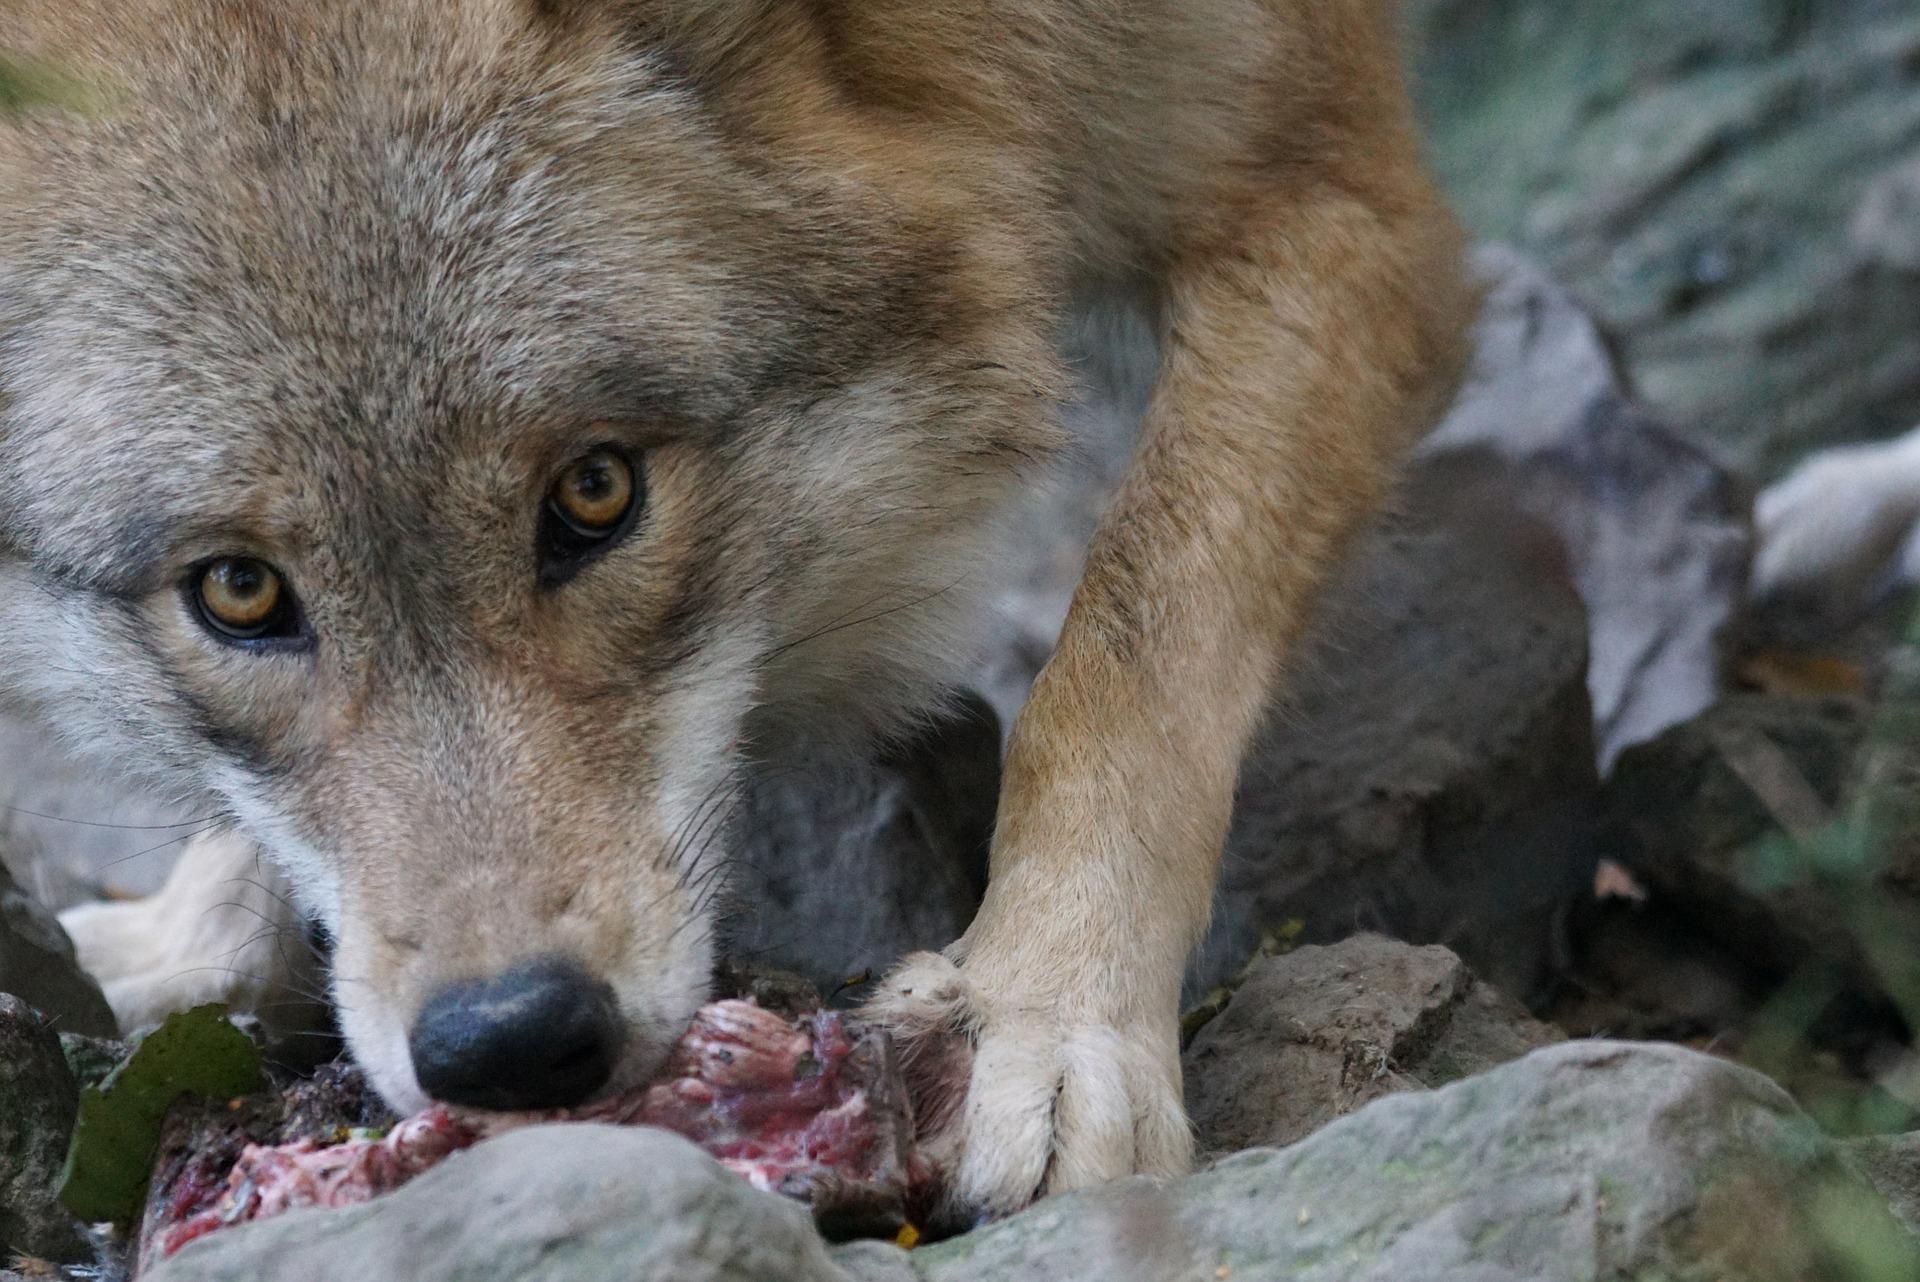 die wölfin frisst